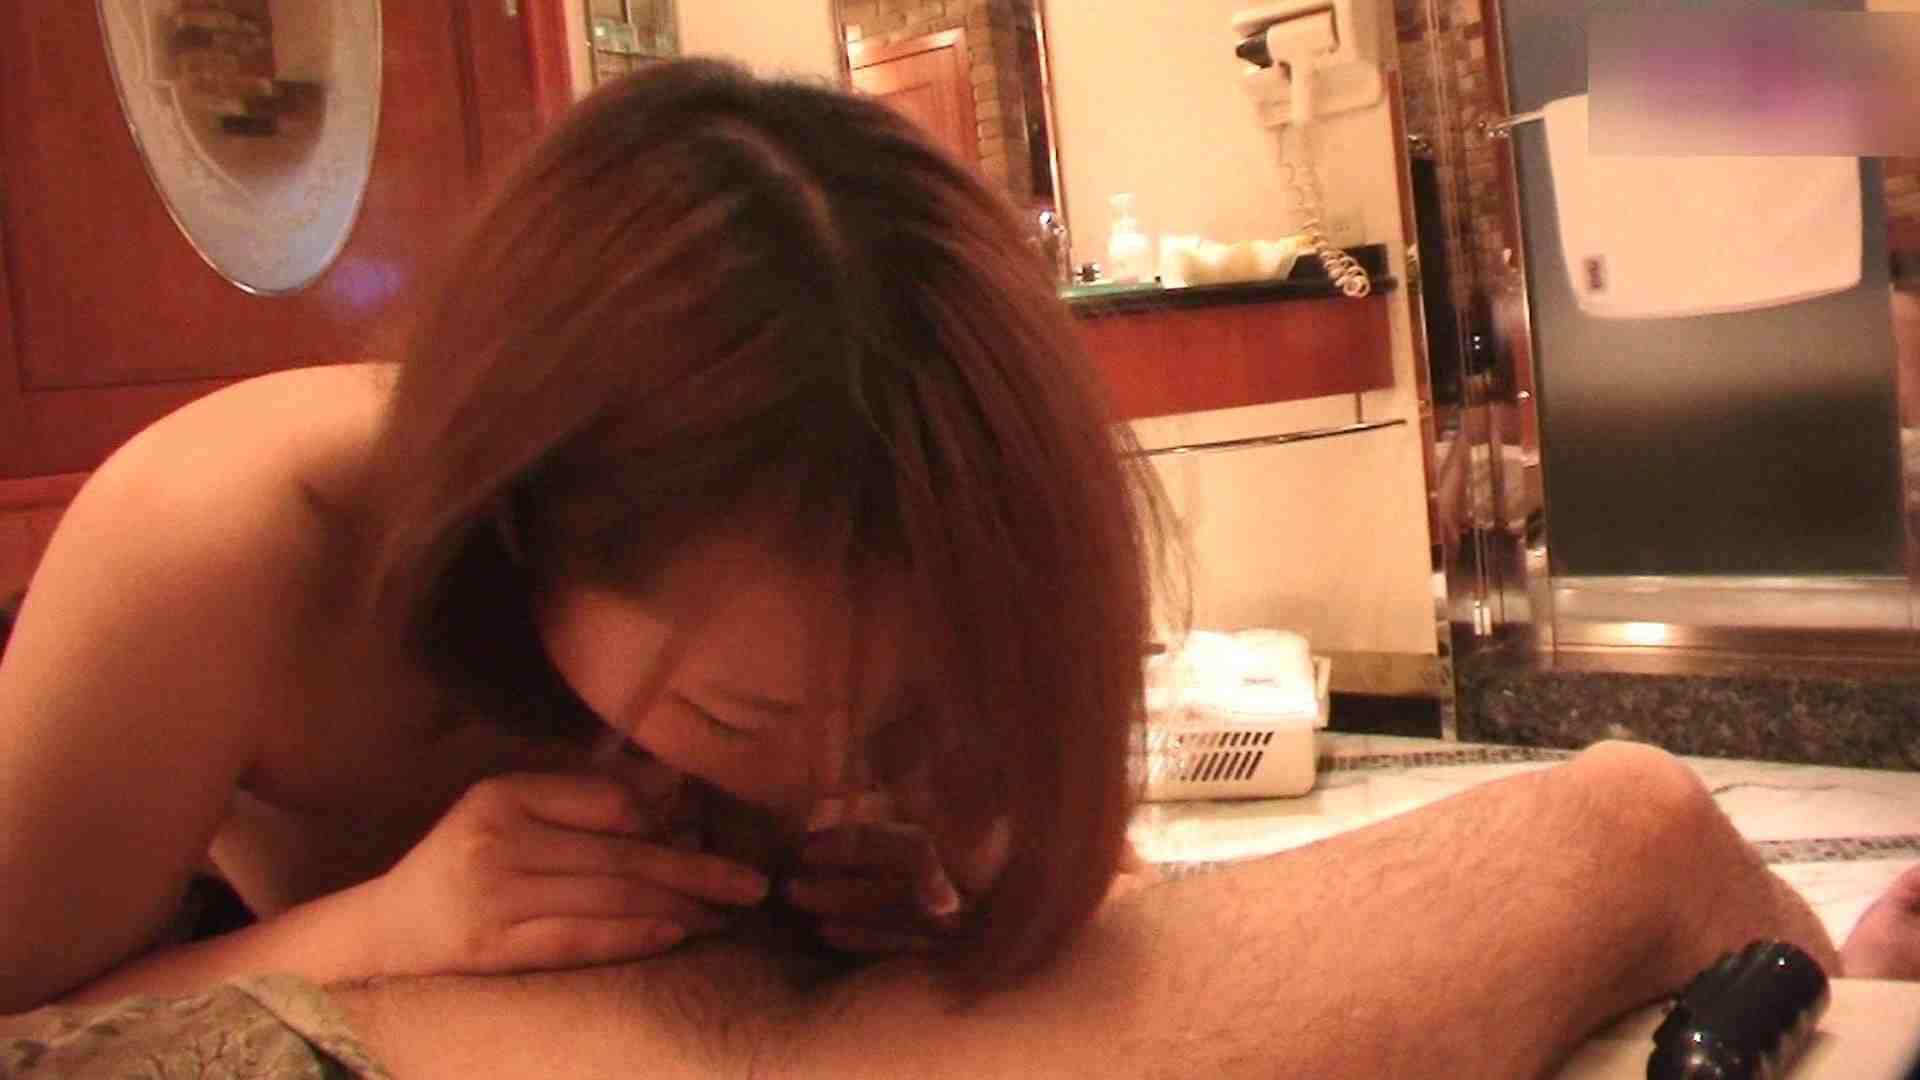 おしえてギャル子のH塾 Vol.13 前編 OLのエロ生活   ギャルのエロ生活  34連発 27